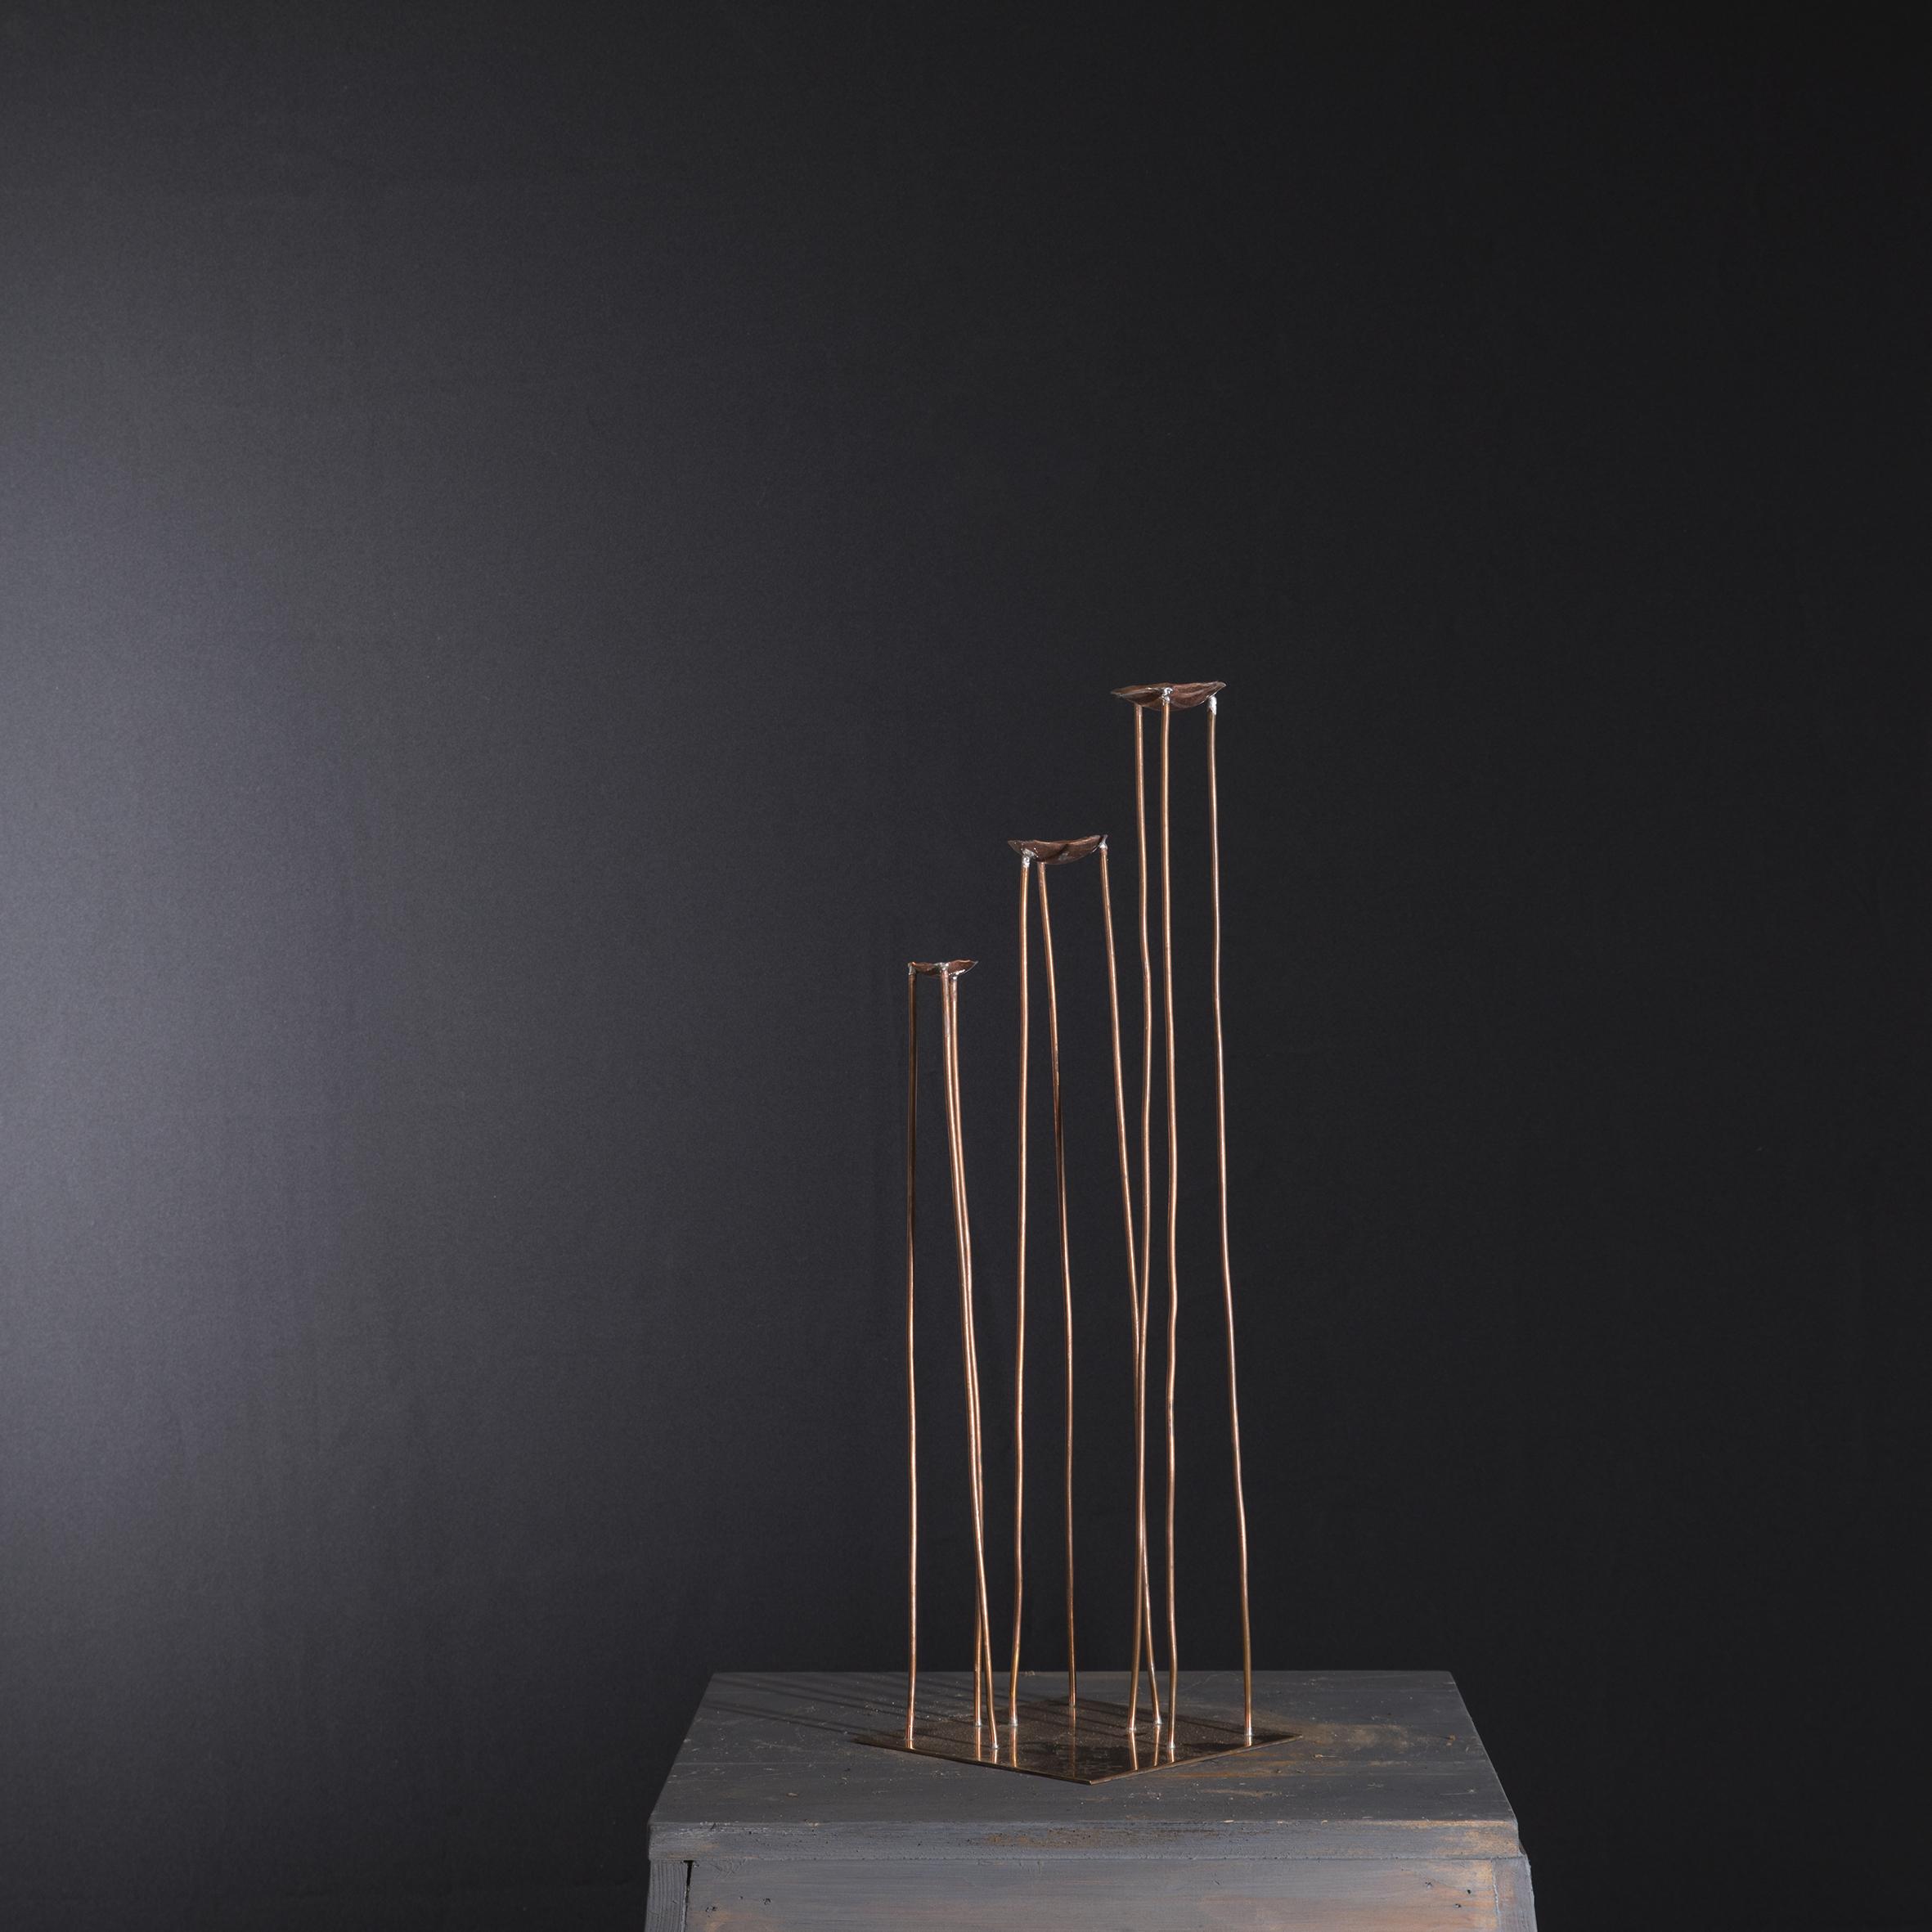 lacrimatoio - works 1990-2003